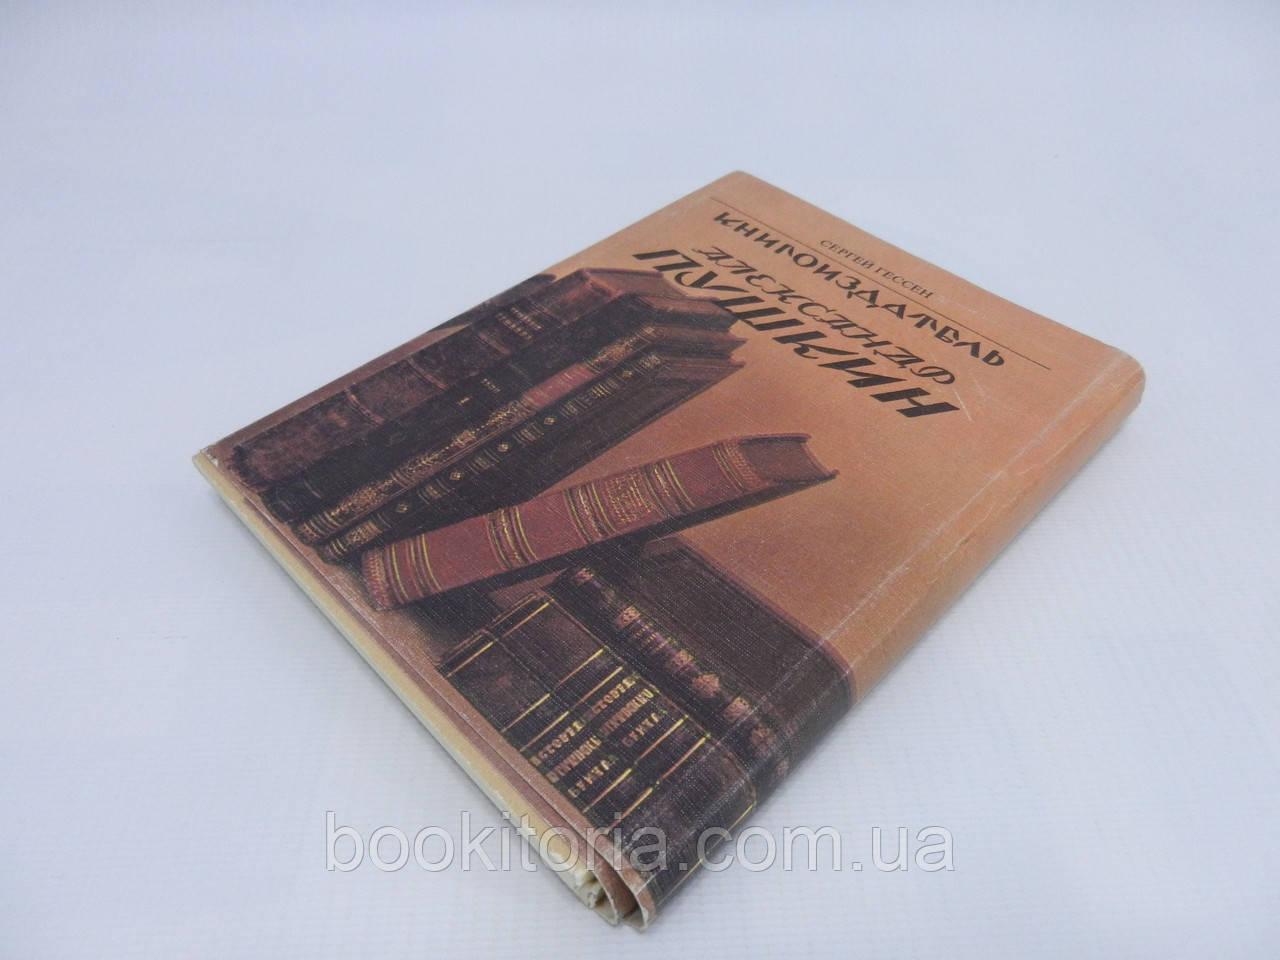 Гессен С. Книгоиздатель Александр Пушкин. Комплект из 2 книг (б/у).